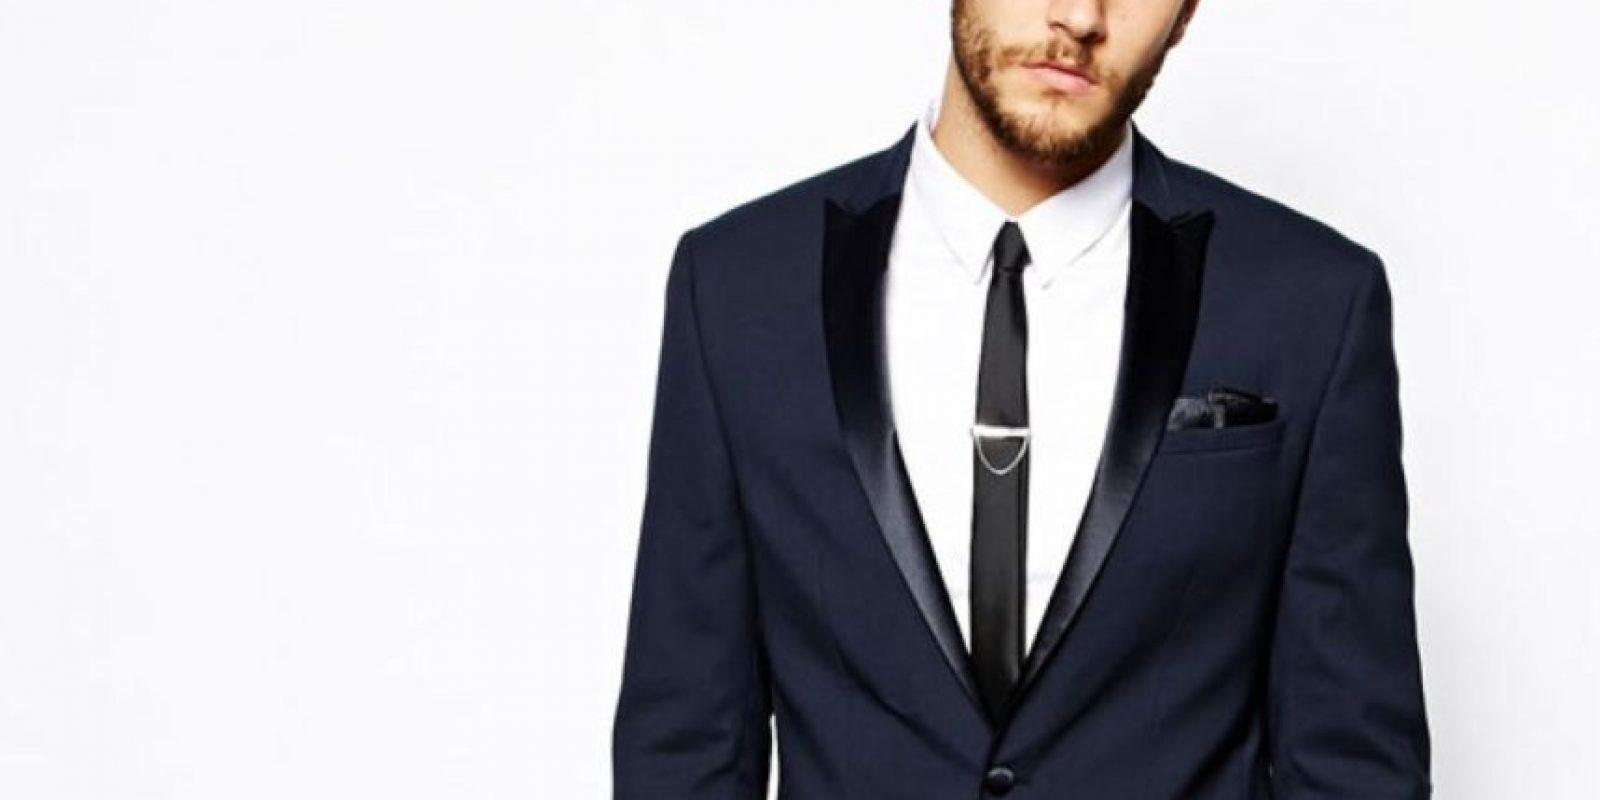 Pueden ser en color gris, negro o navy. En el portal de moda inglesa ASOS los pueden conseguir desde 100 dólares. En eBay también están por ese precio. Foto:ASOS